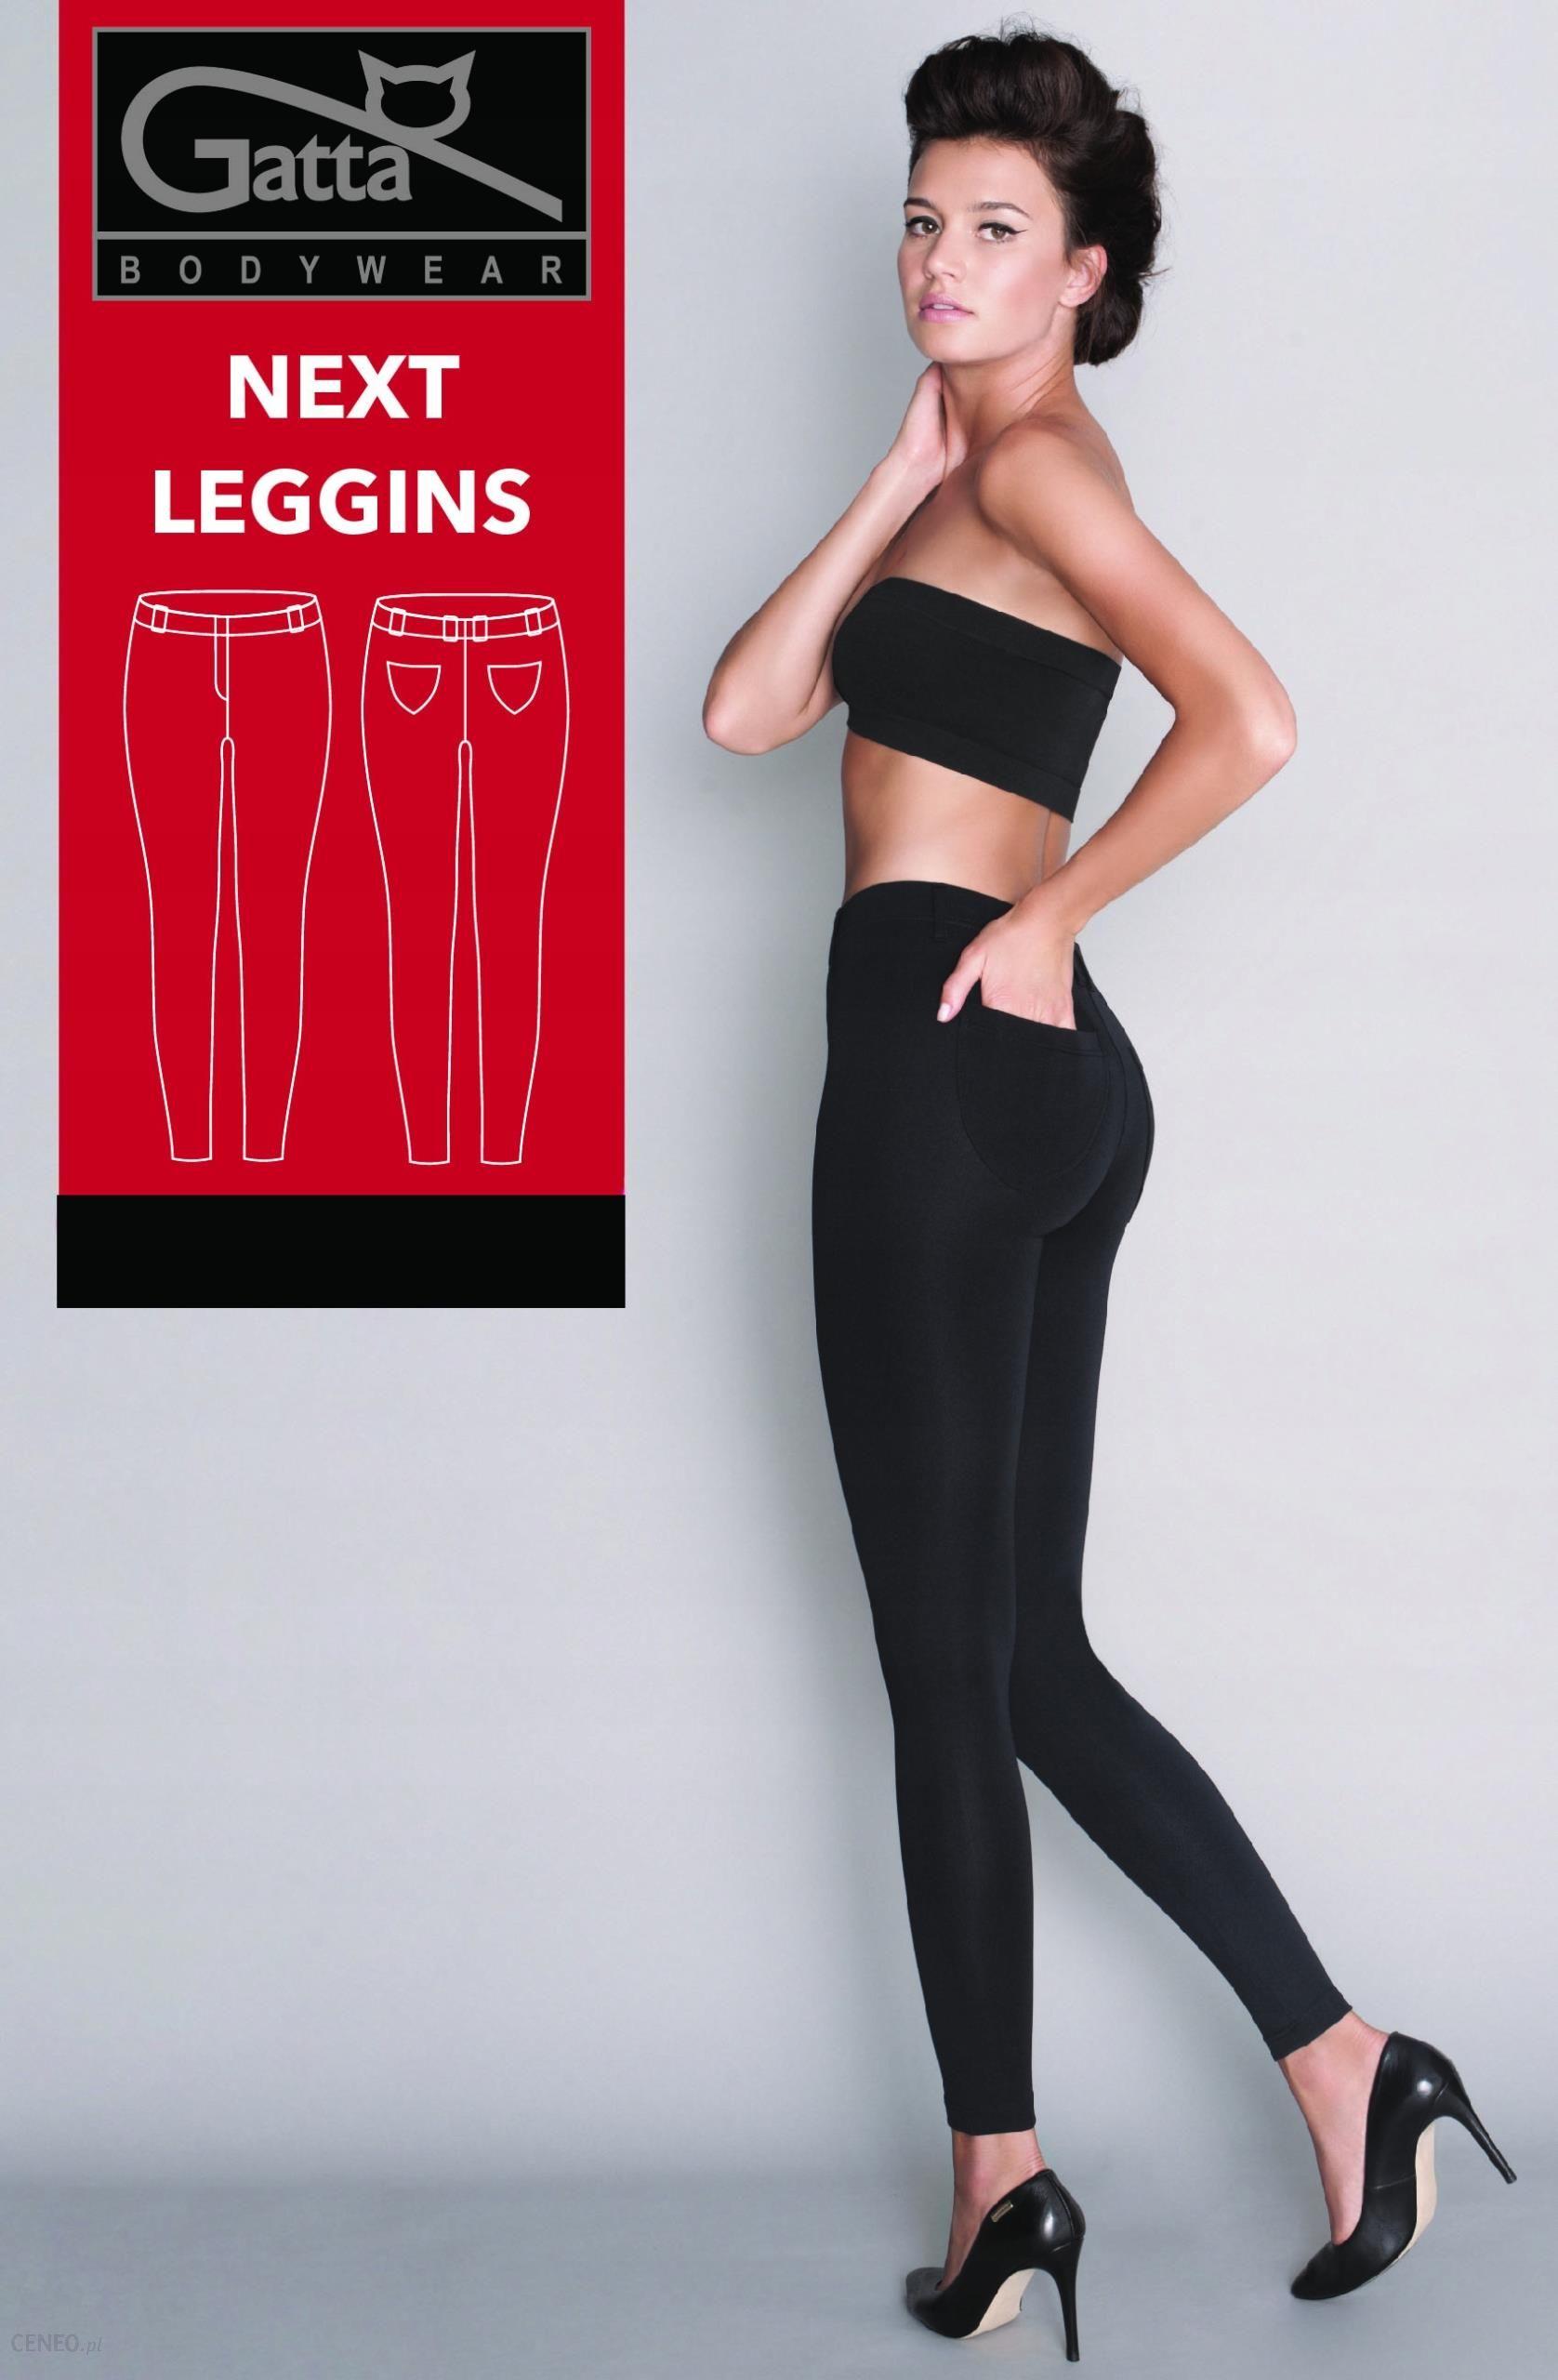 bd7b5c88426f8b Gatta Spodnie legginsy Next czarne # S - Ceny i opinie - Ceneo.pl